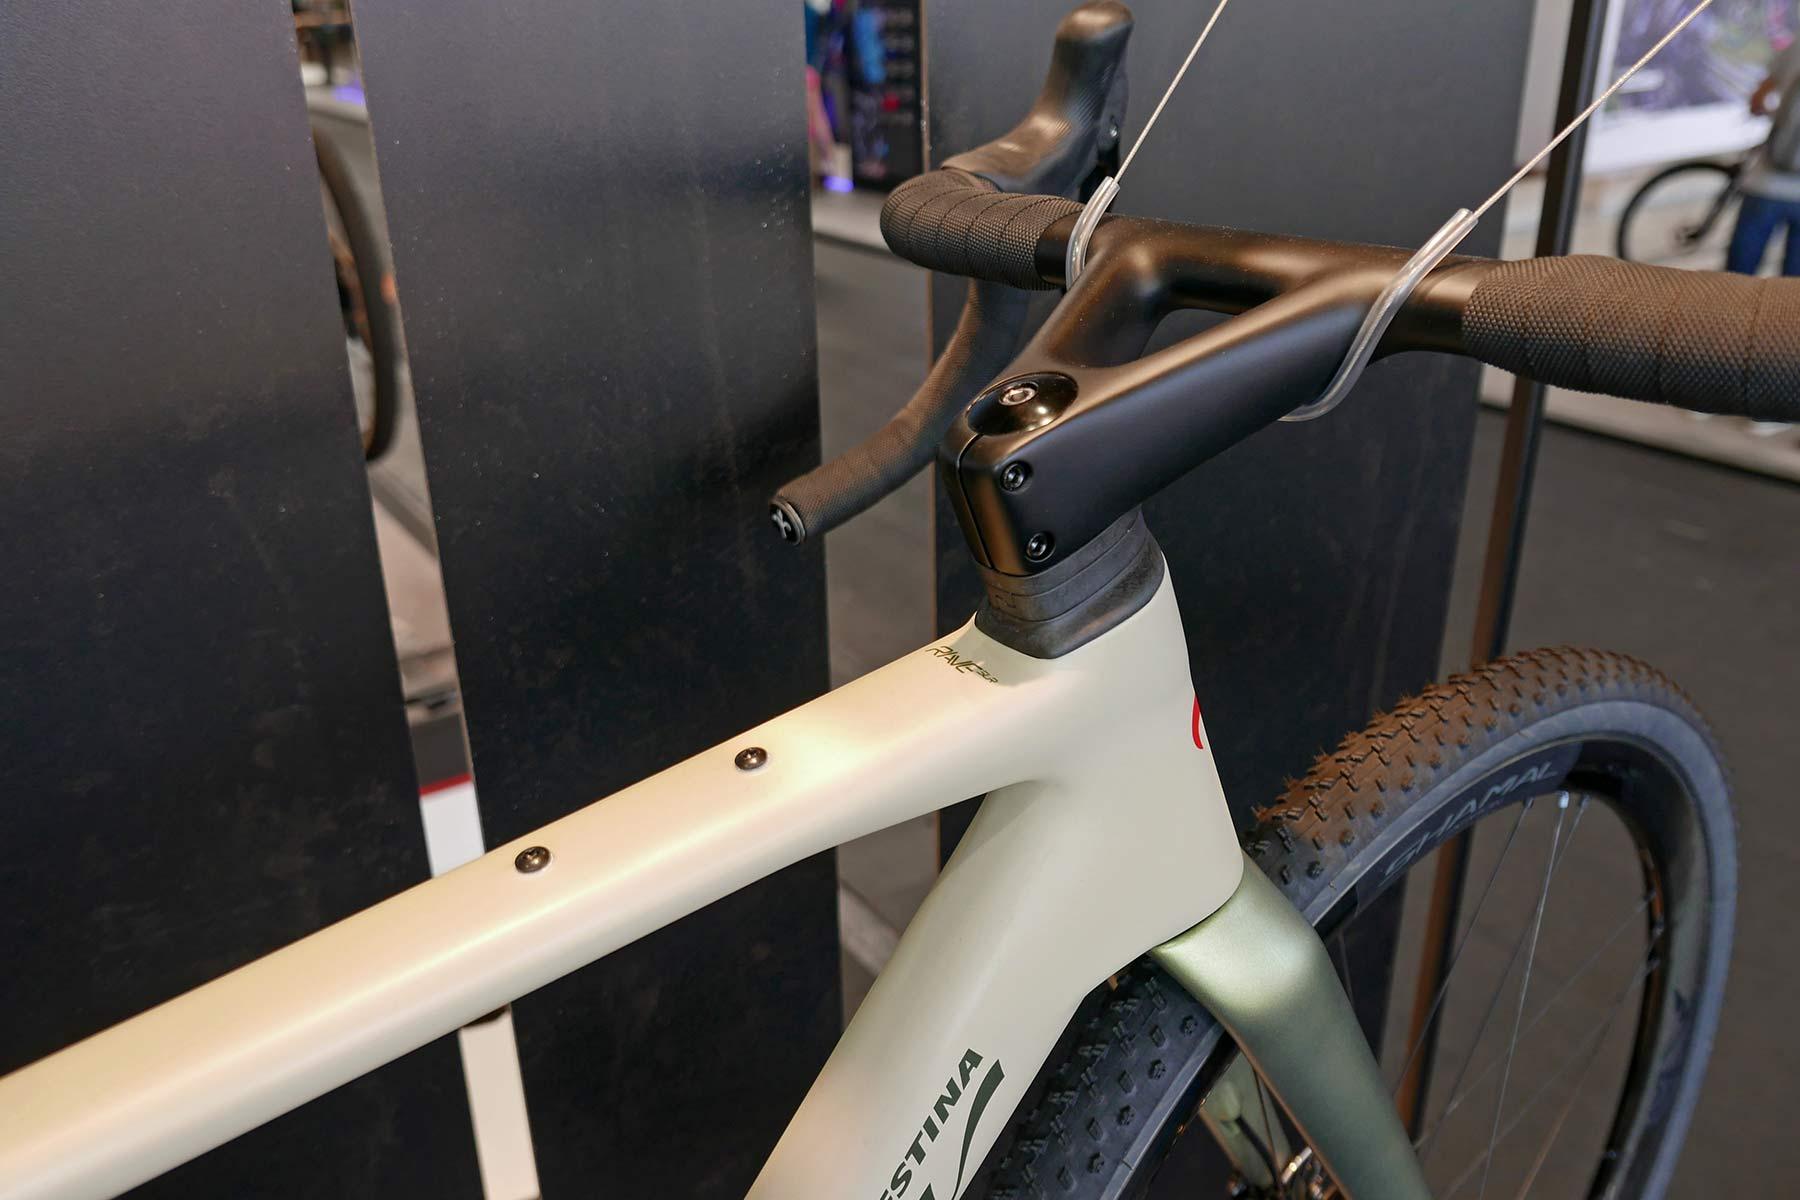 Wilier Rave SLR lightweight carbon all-road gravel bike, front end cockpit detail